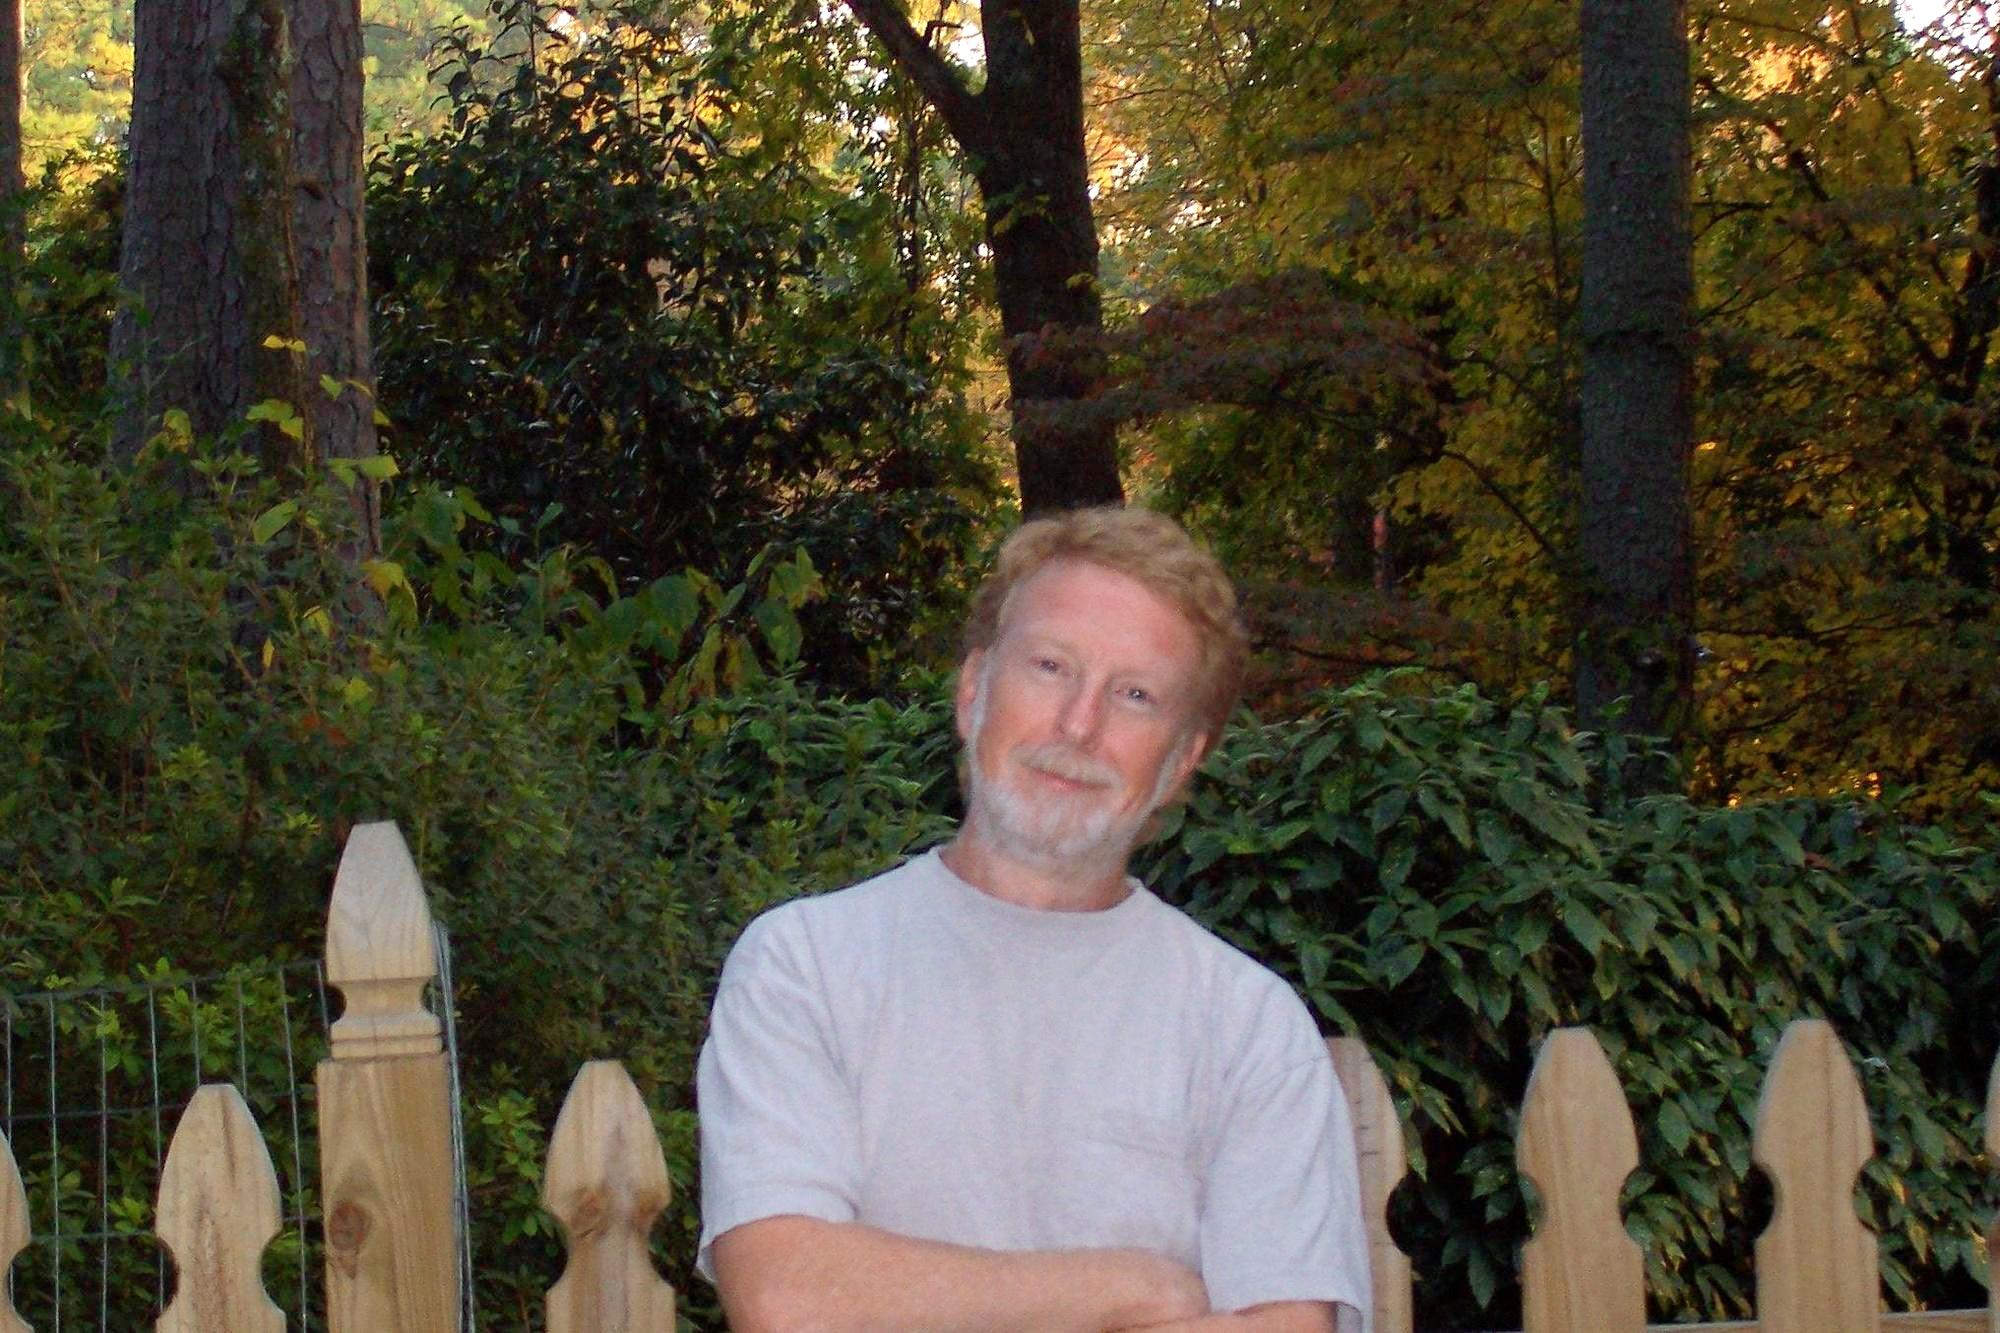 Robert S. teaches tennis lessons in Long Beach, CA